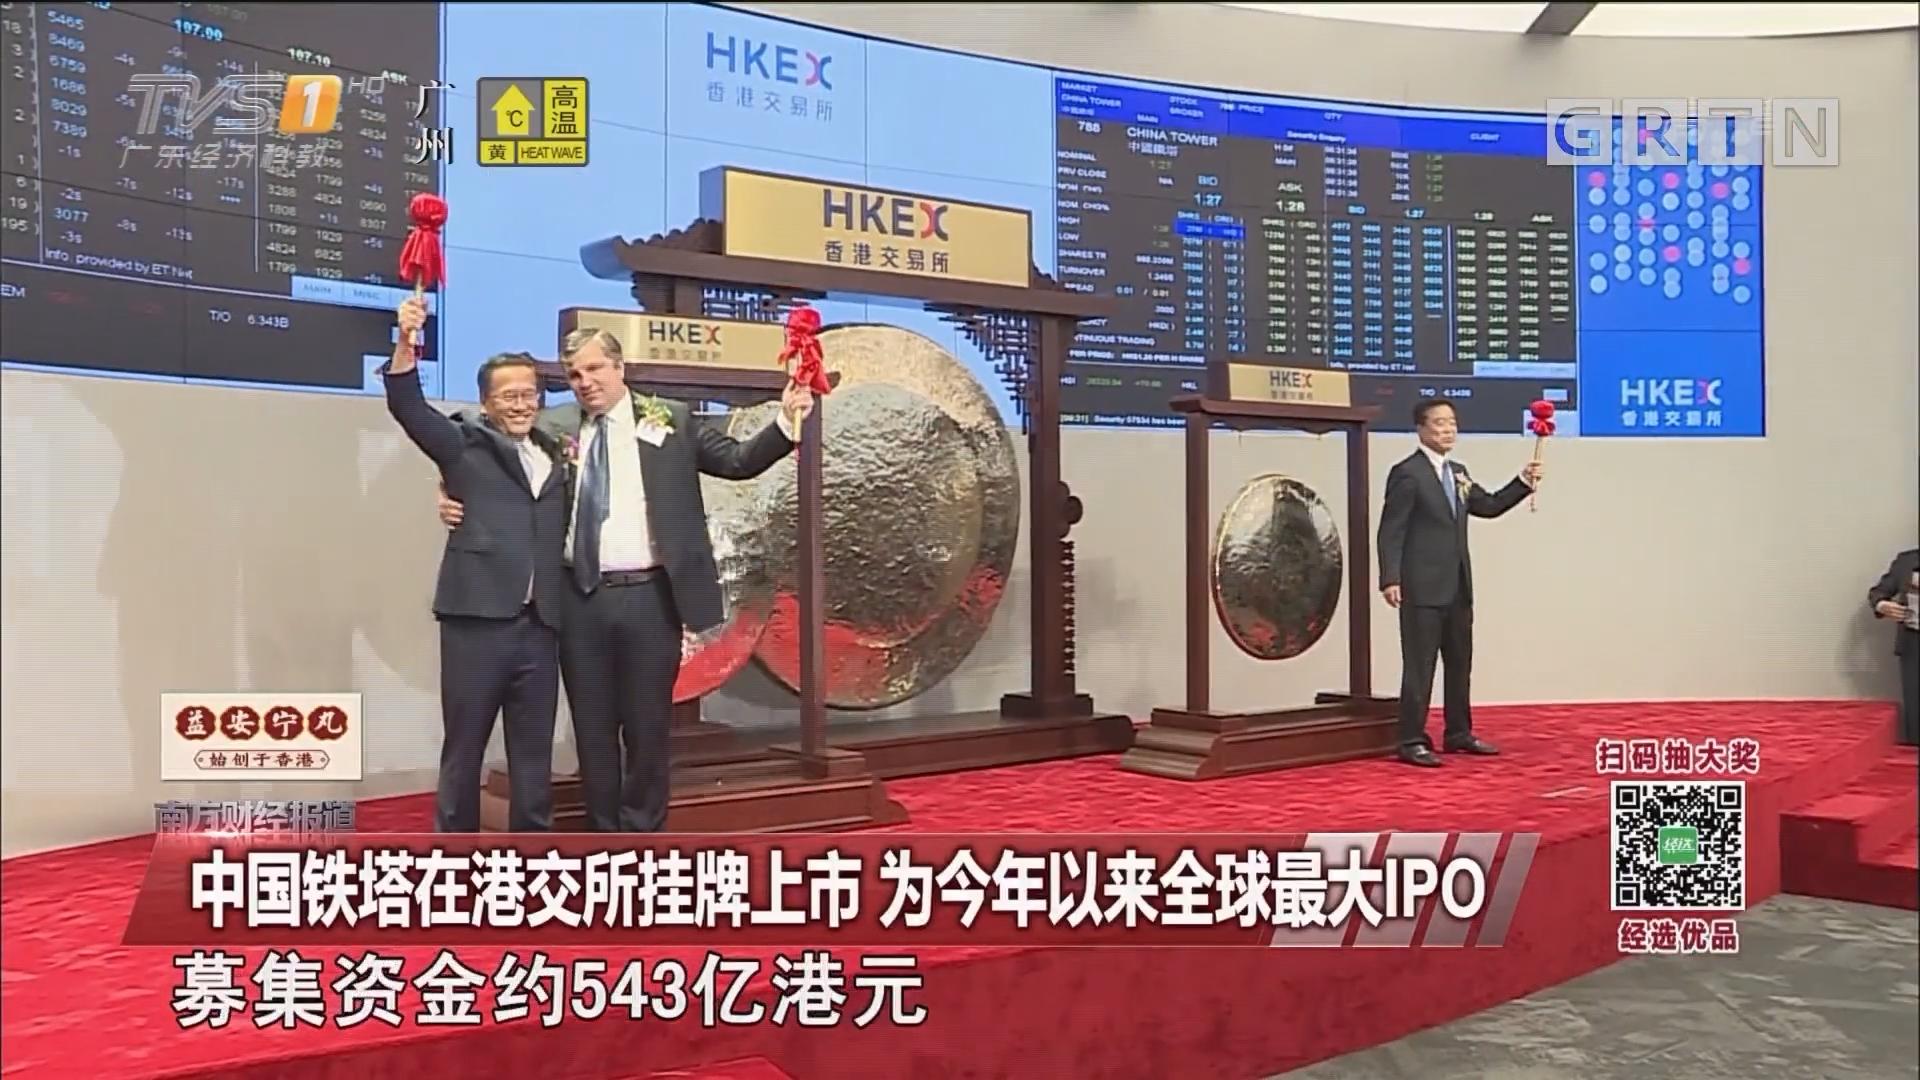 中国铁塔在港交所挂牌上市 为今年以来全球最大IPO